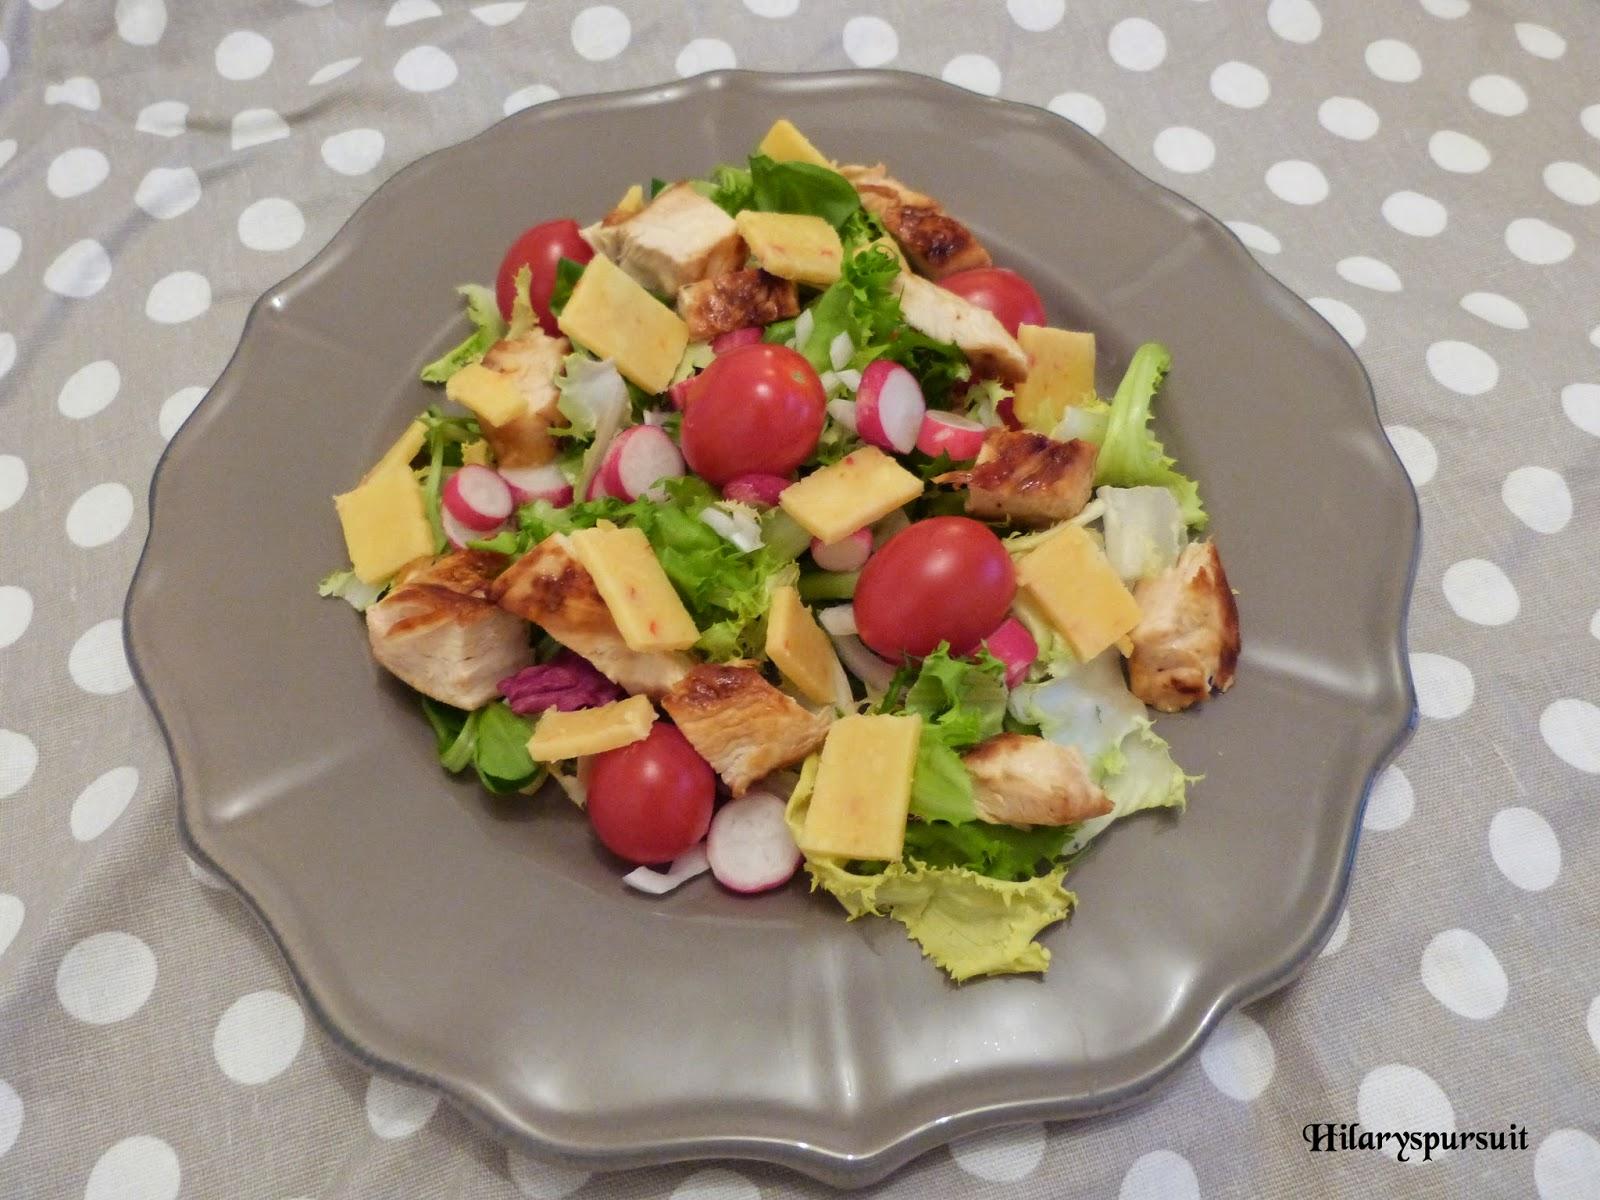 Salade printanière au poulet grillé